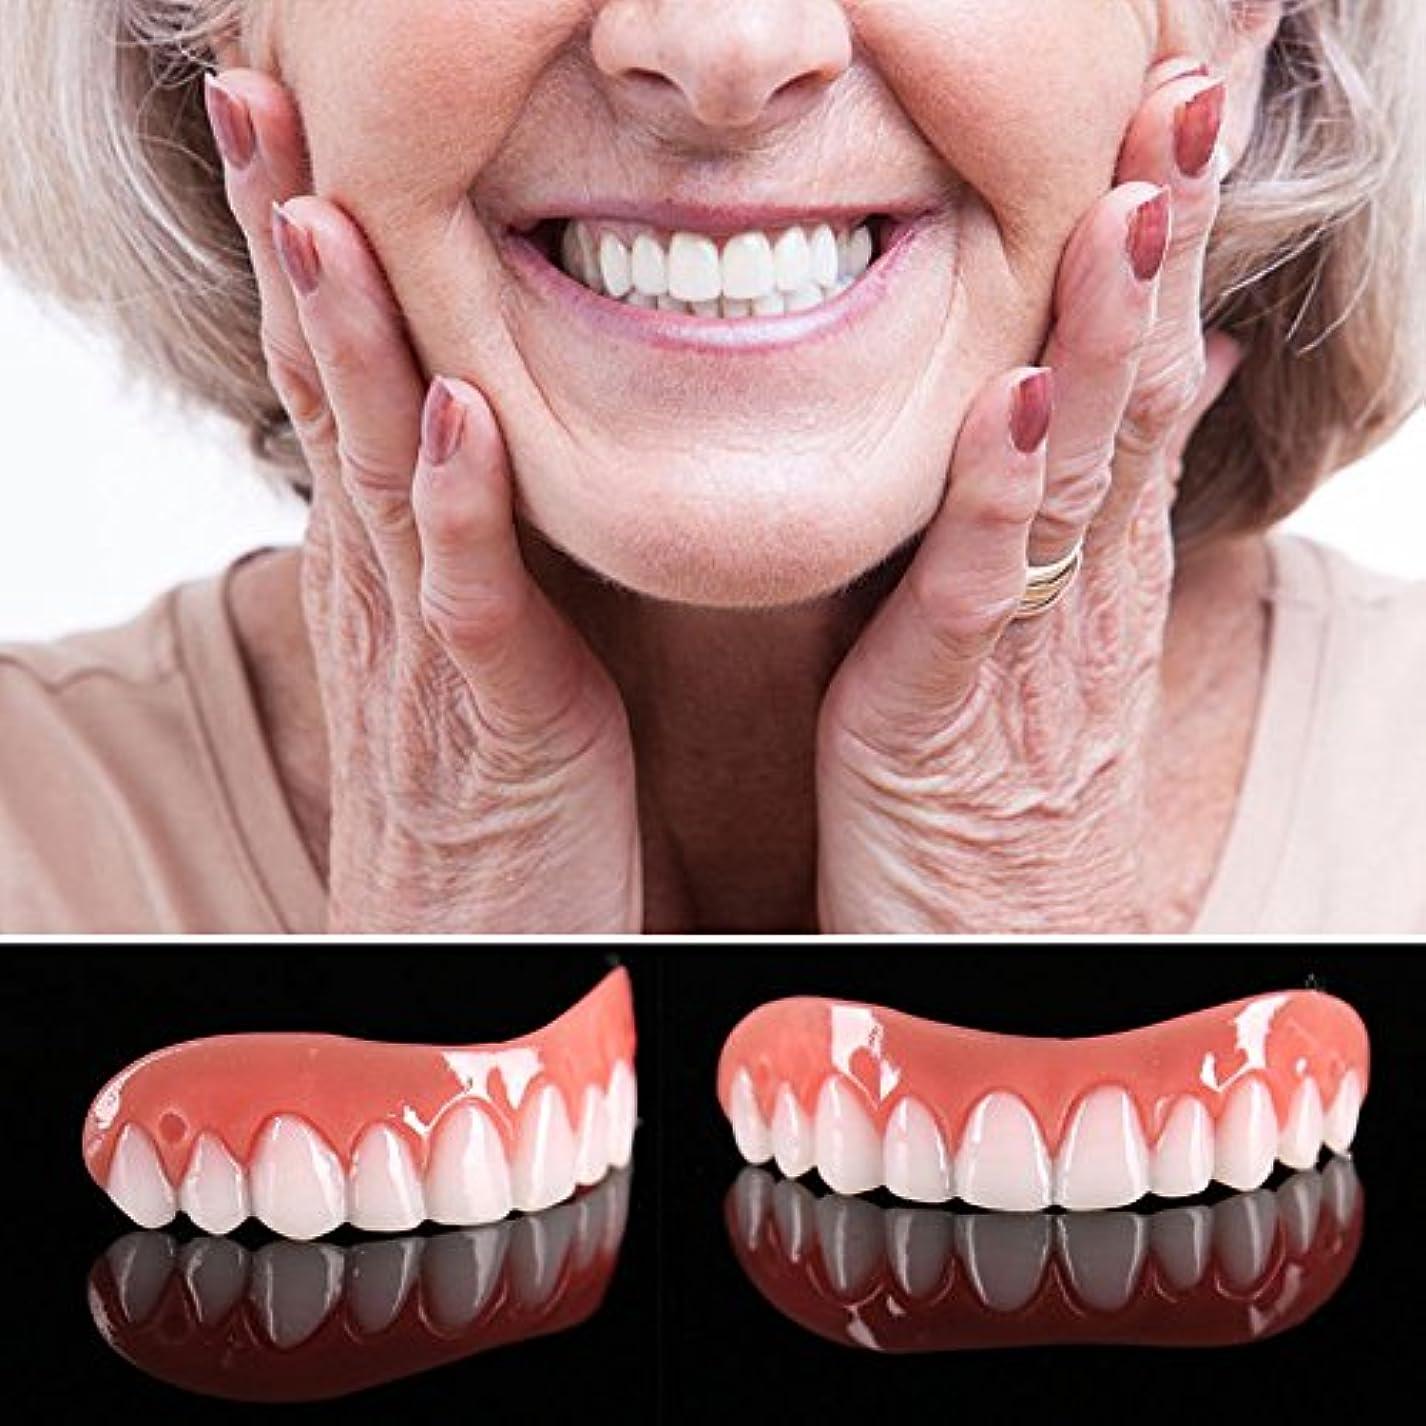 かすかなスナックナチュラ5ピースアッパーフェイク歯科用ベニアコンフォートフィット歯トップ化粧品ベニアワンサイズフィットすべての義歯接着剤歯偽義歯歯笑顔